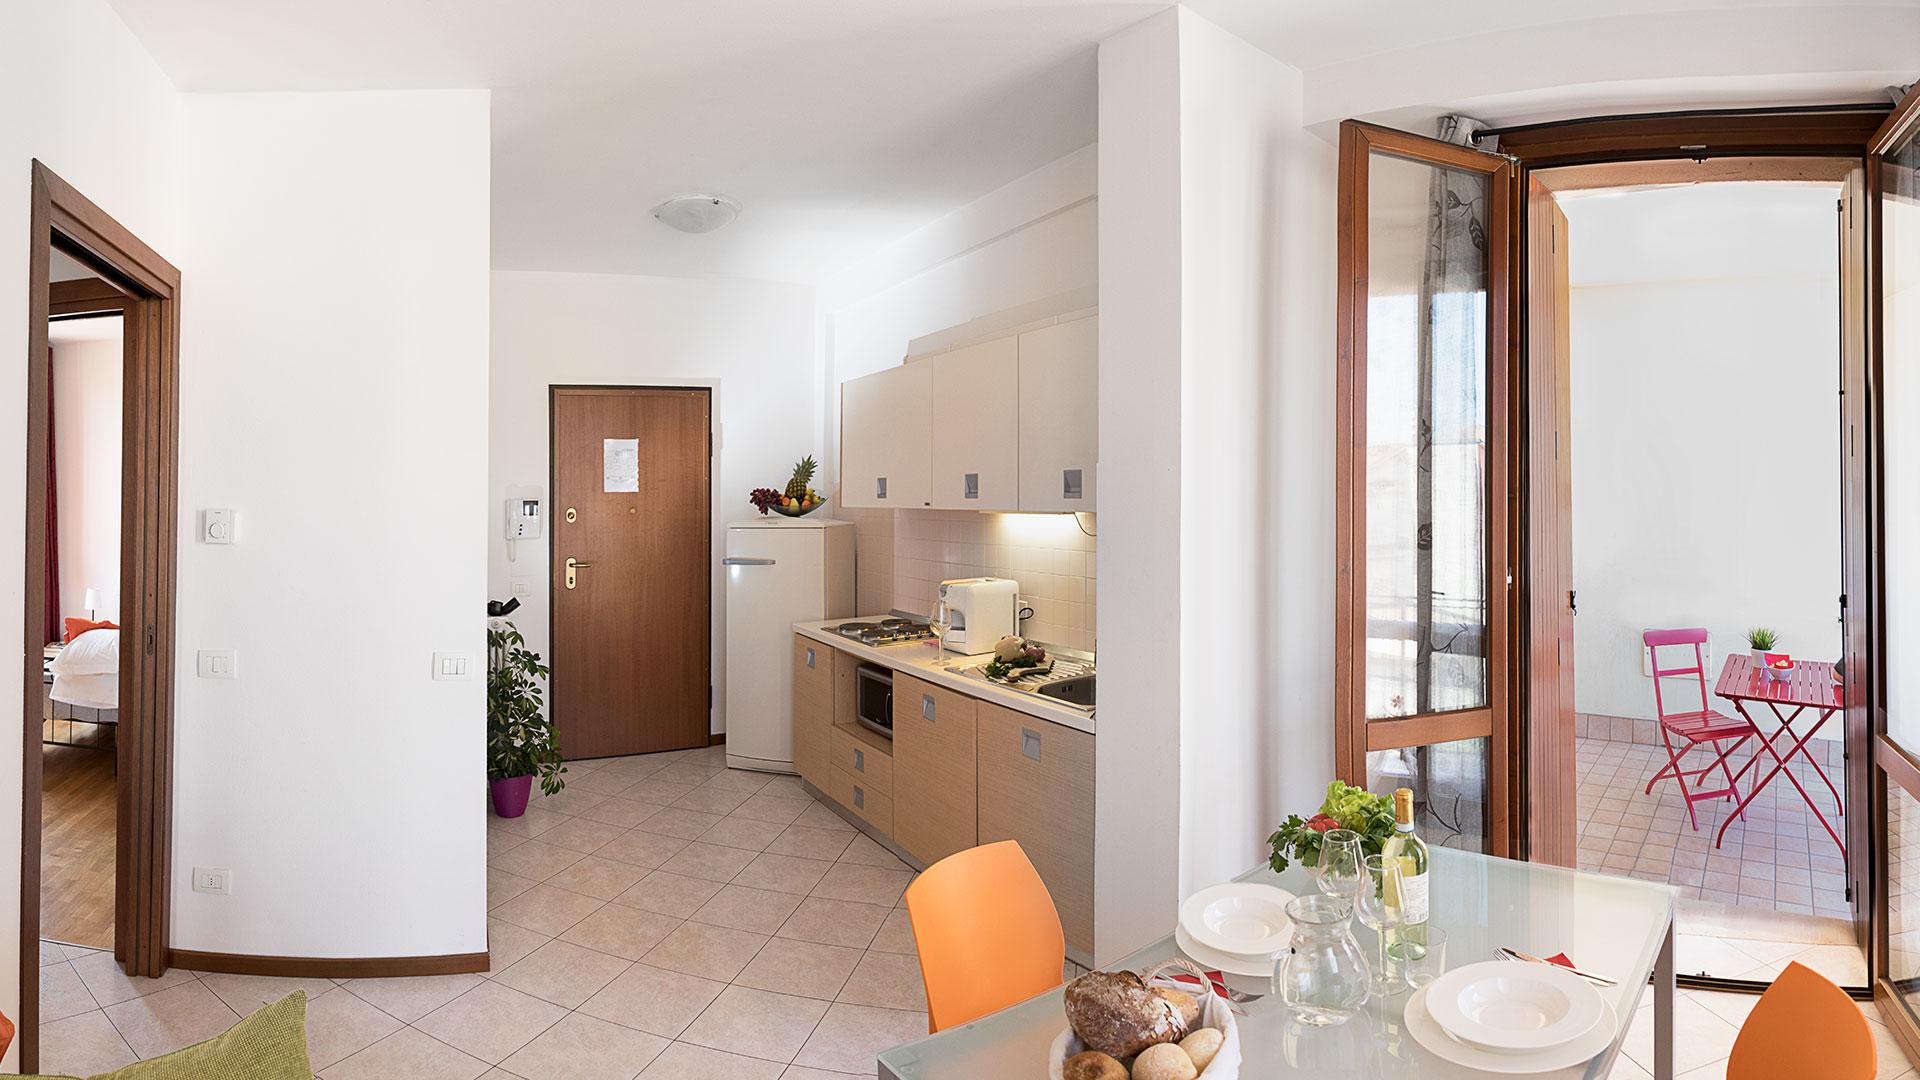 Appartamenti in affitto per breve periodo